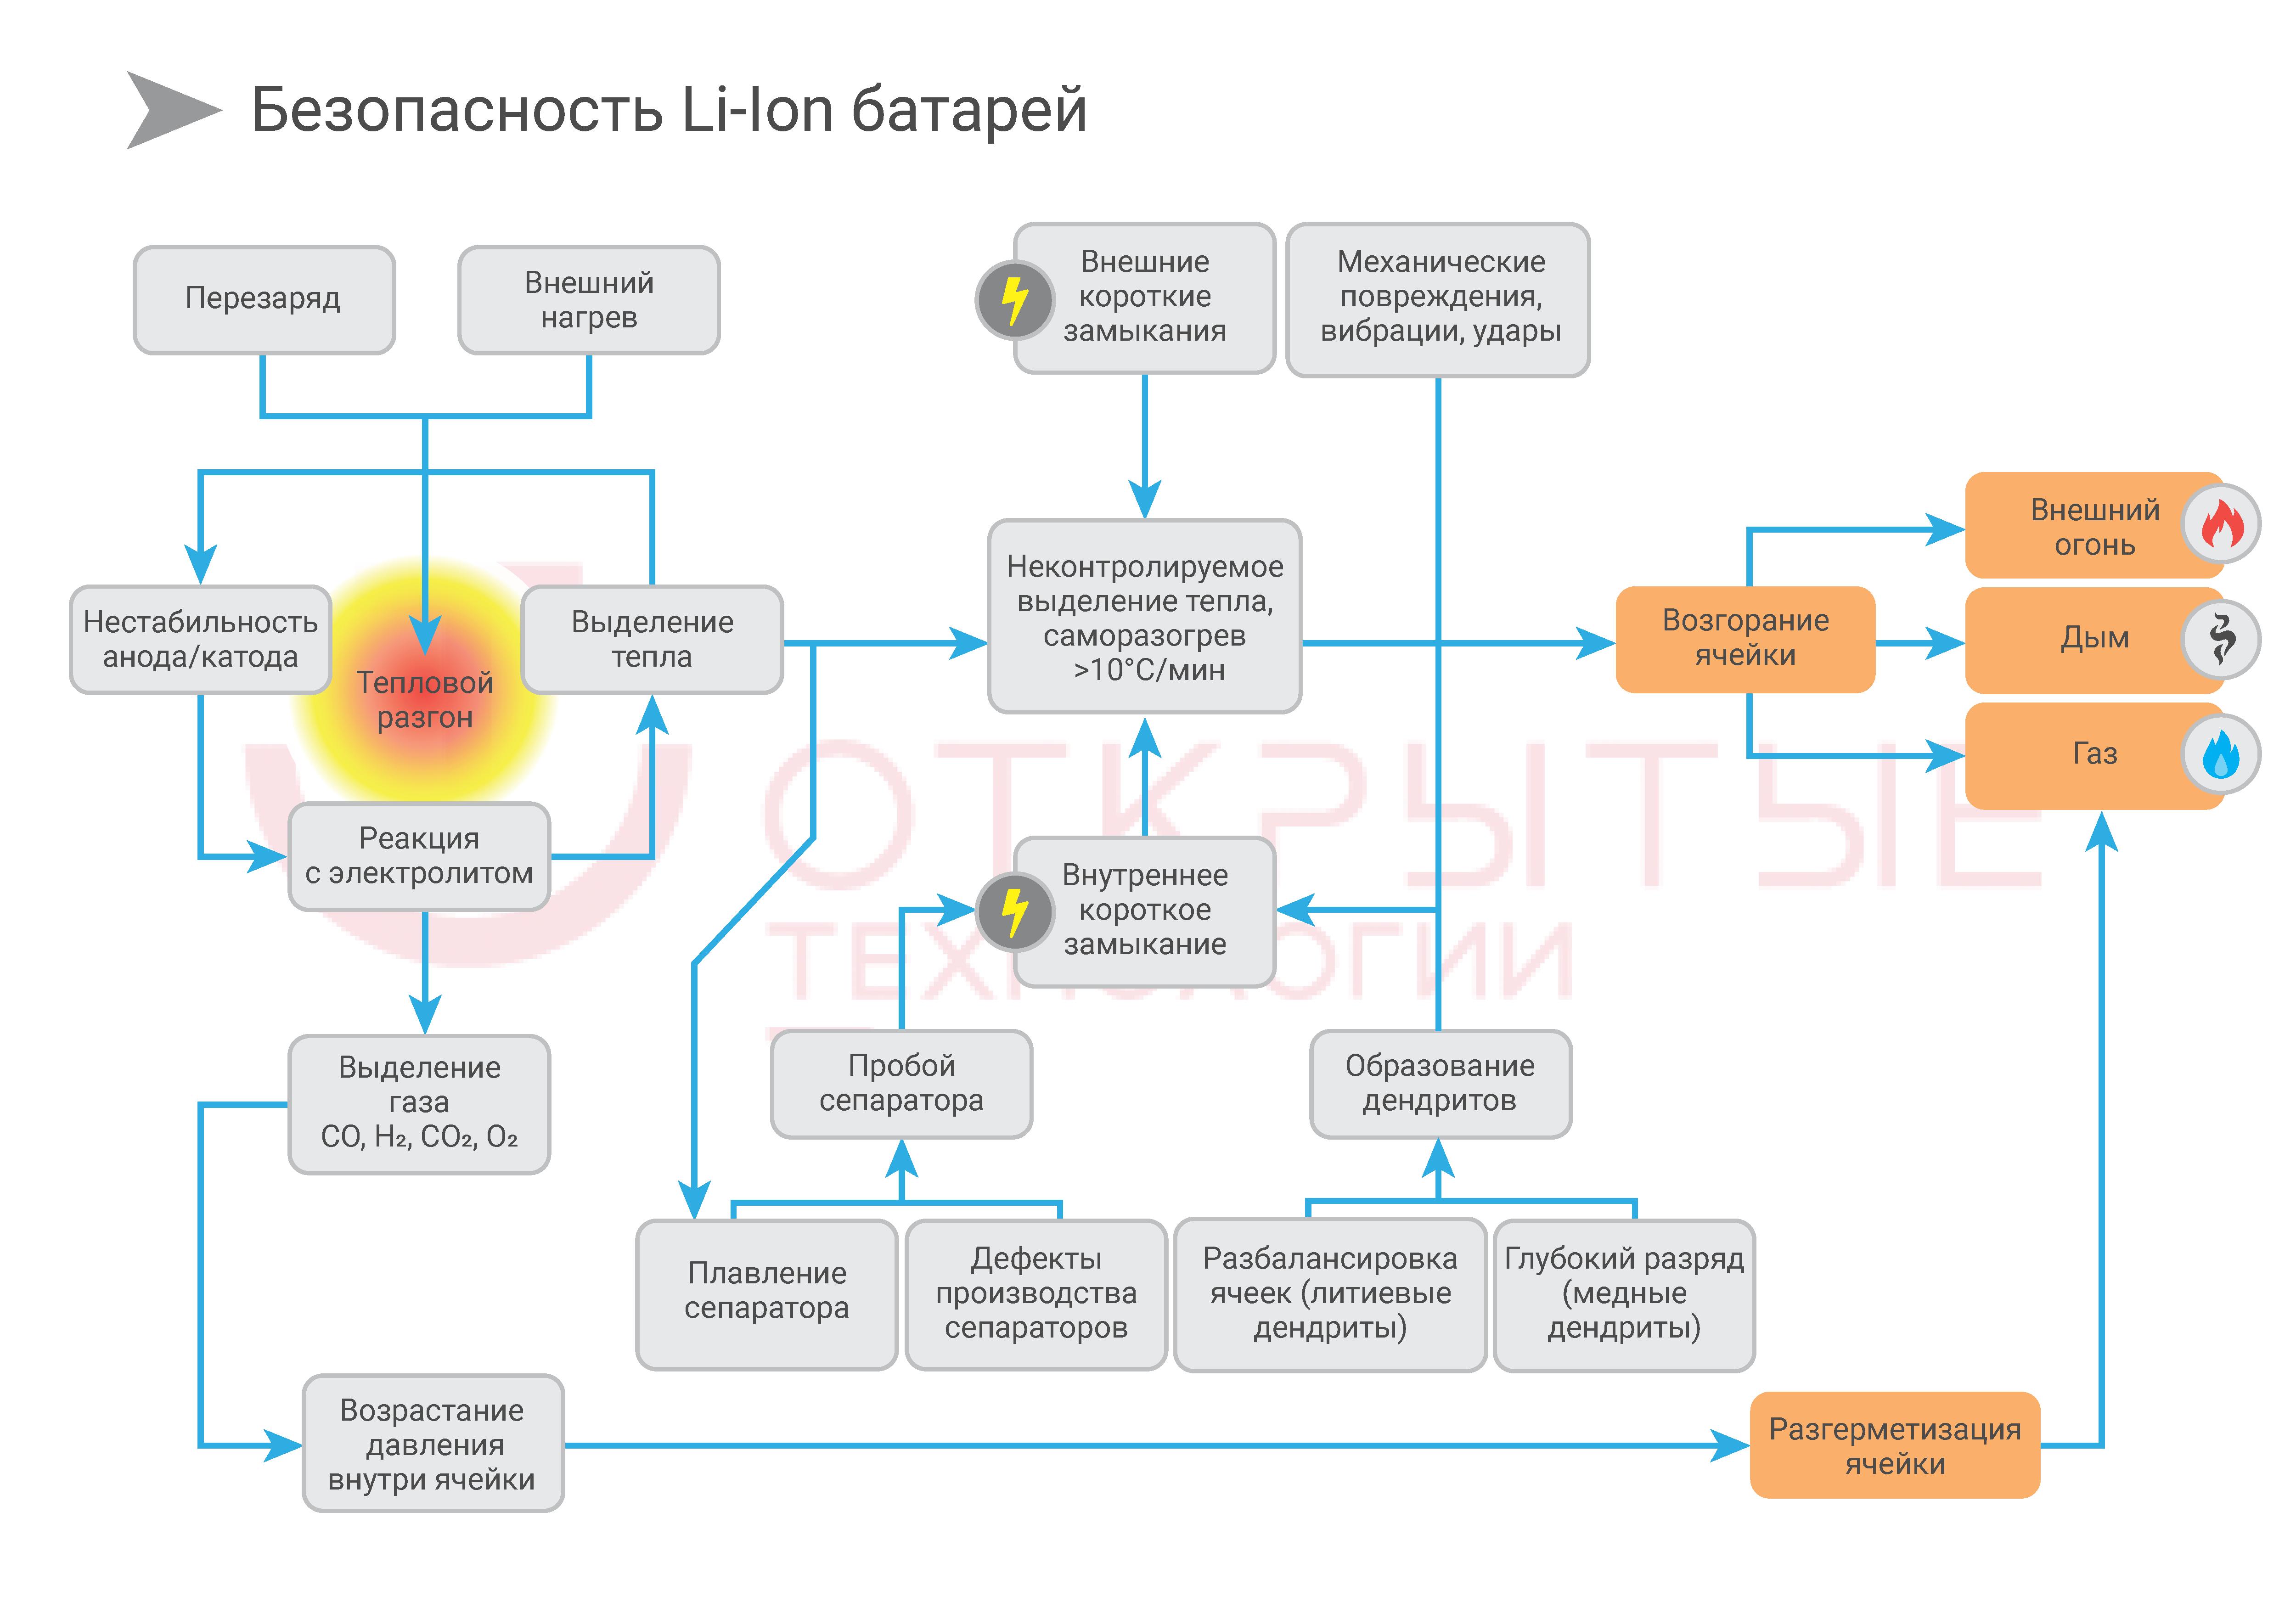 """<a href=""""https://habr.com/ru/company/open_technologies/blog/429264/"""">Фото с сайта habr.com / блог «Открытые технологии» (пользователь Gromazeka13)</a>"""